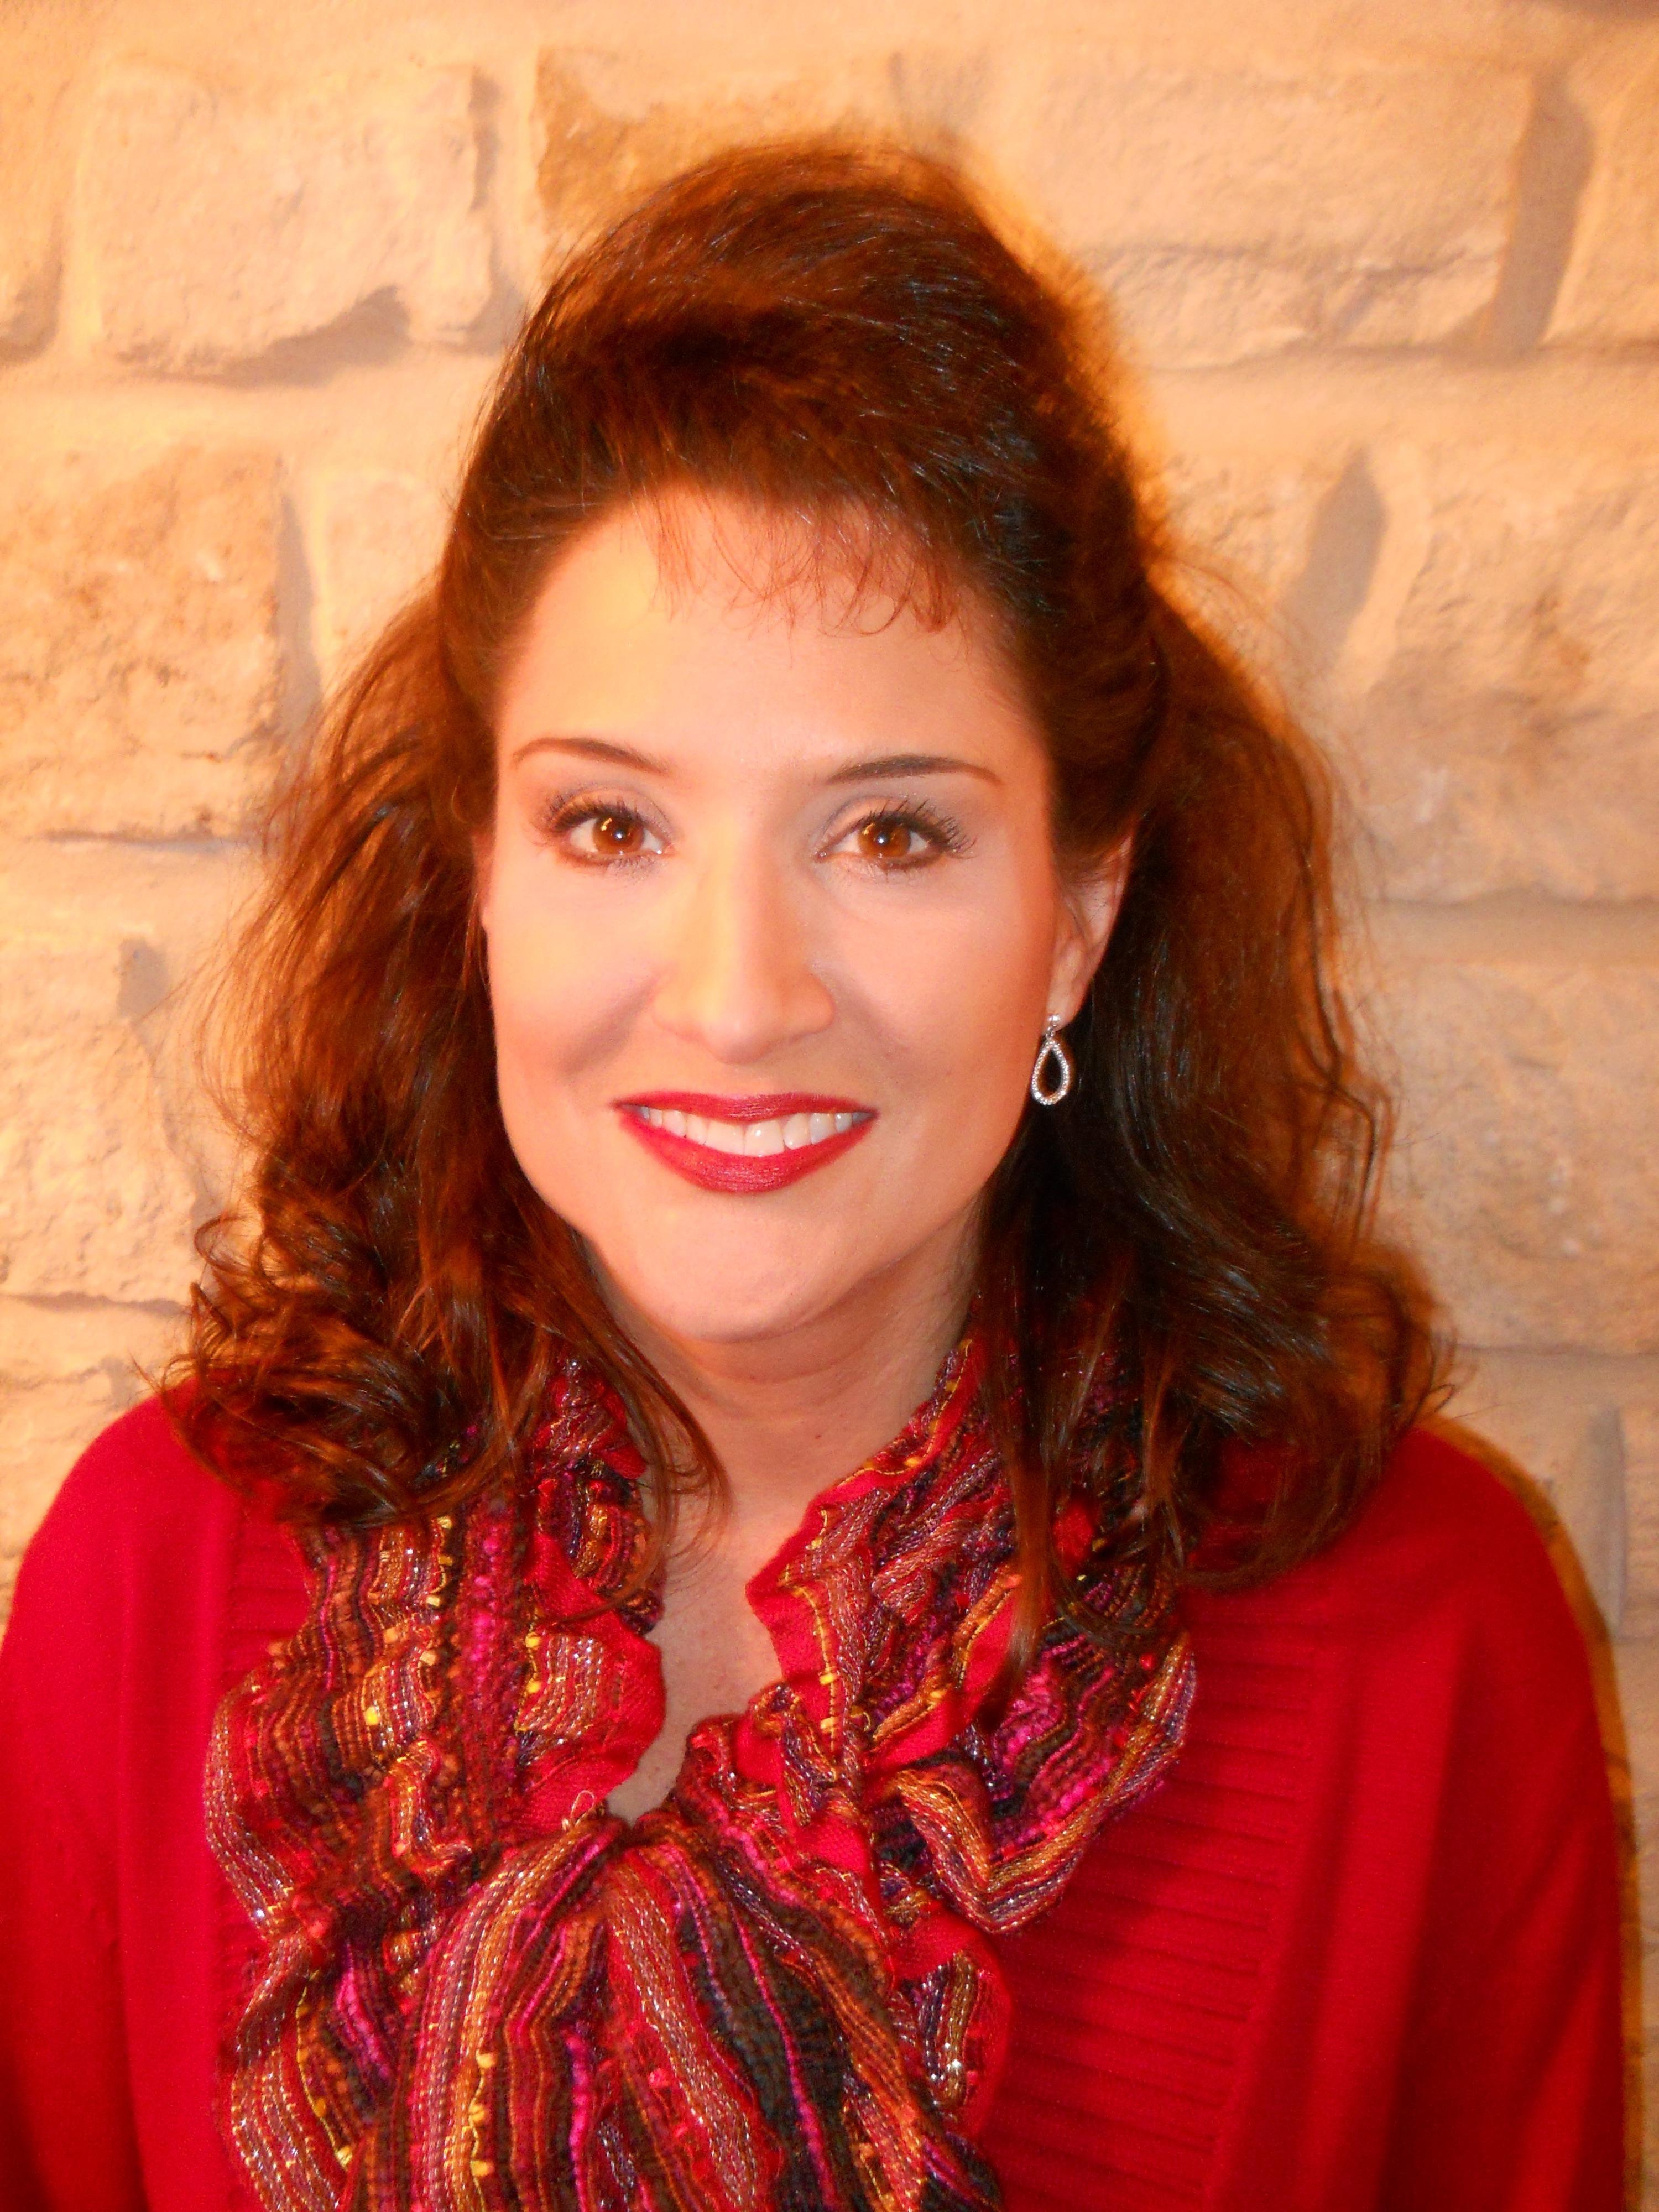 Kimberly Bragewitz